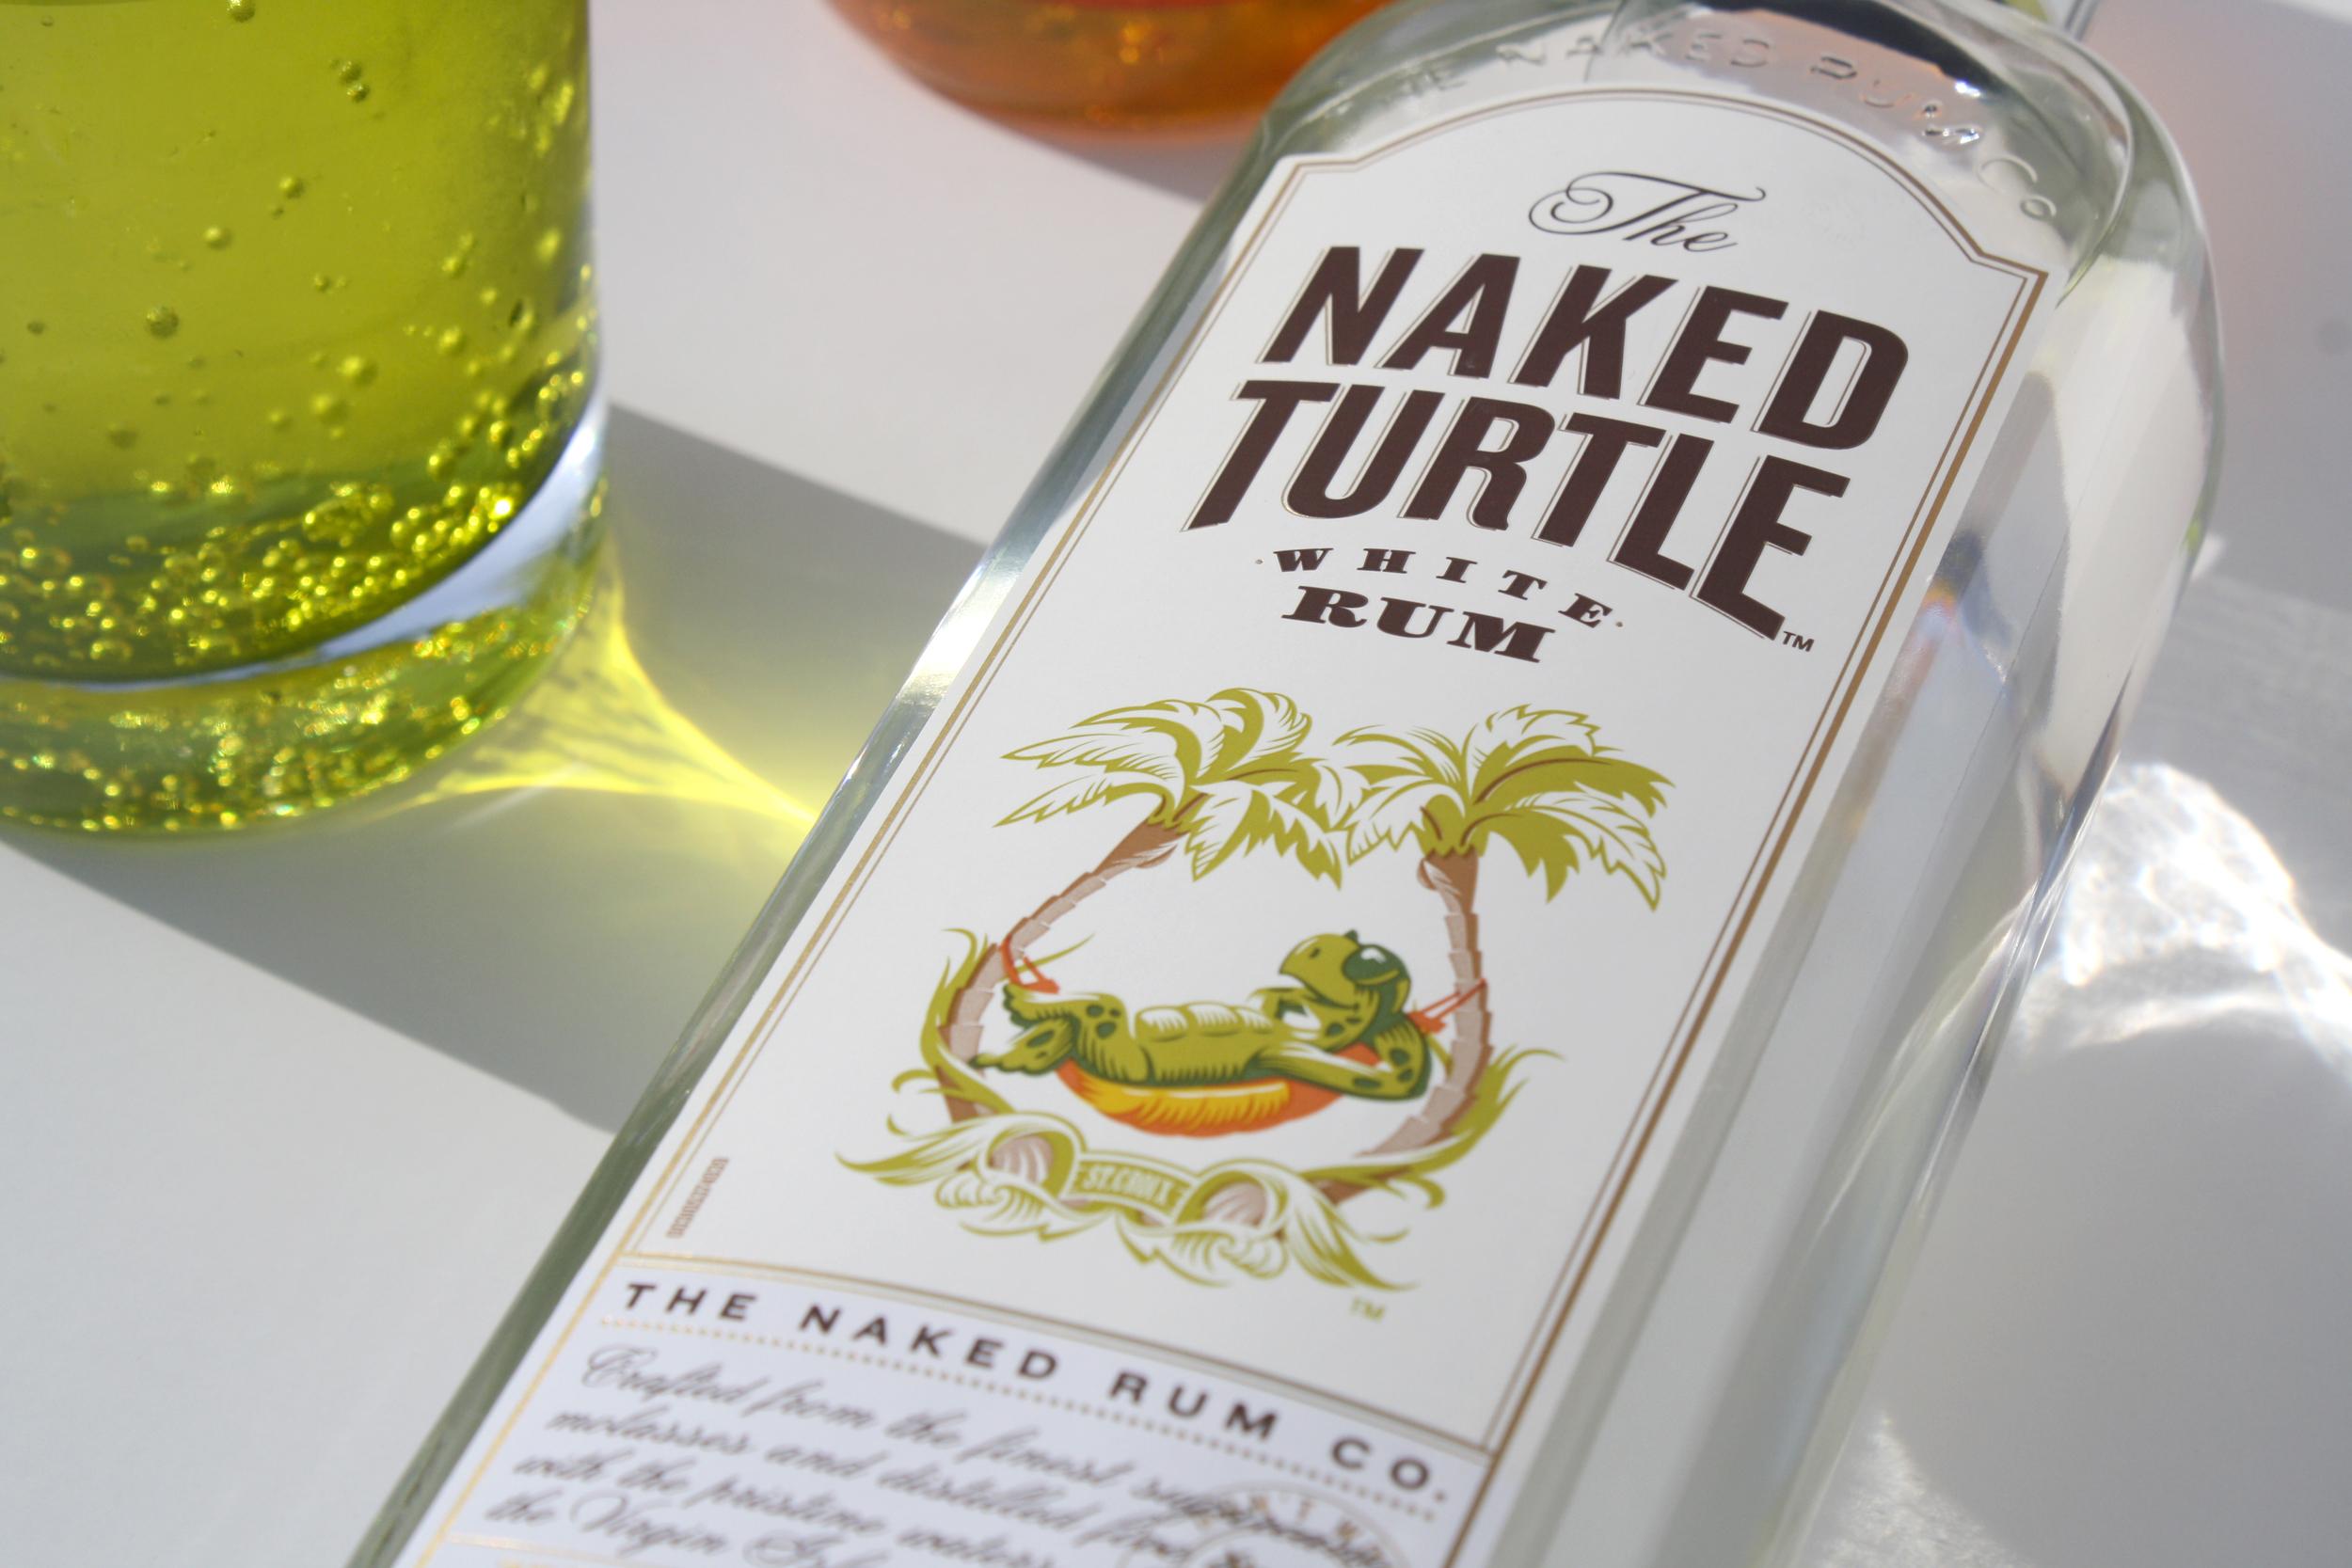 Naked Turrtle_Bottle6.jpg